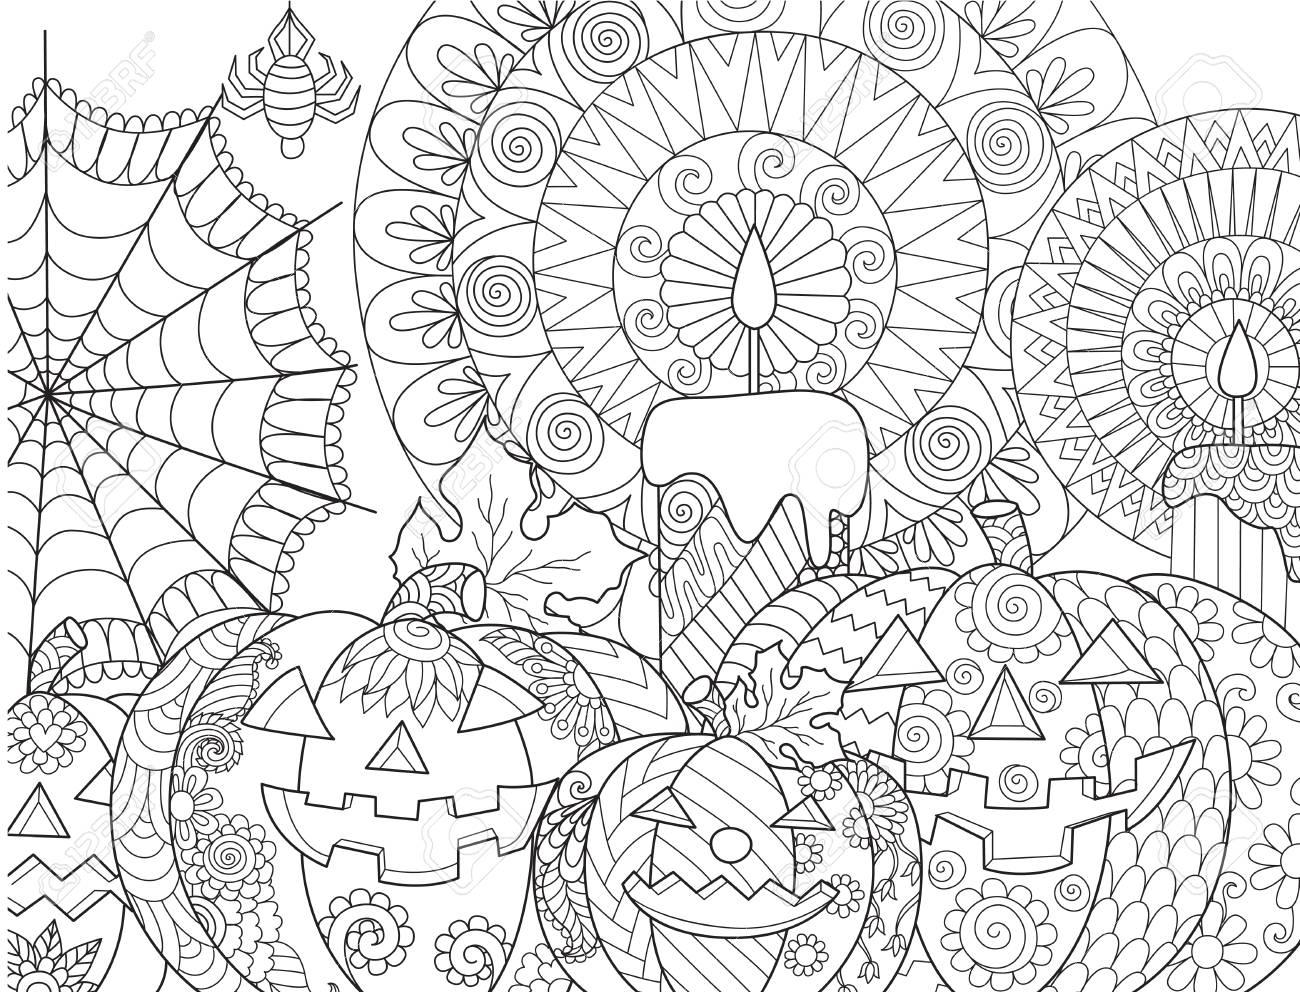 Citrouille Dhalloween Bougies Araignée Toile Daraignée Pour La Page De Livre Pour Colorier Pour Adultes Et élément De Conception Illustration